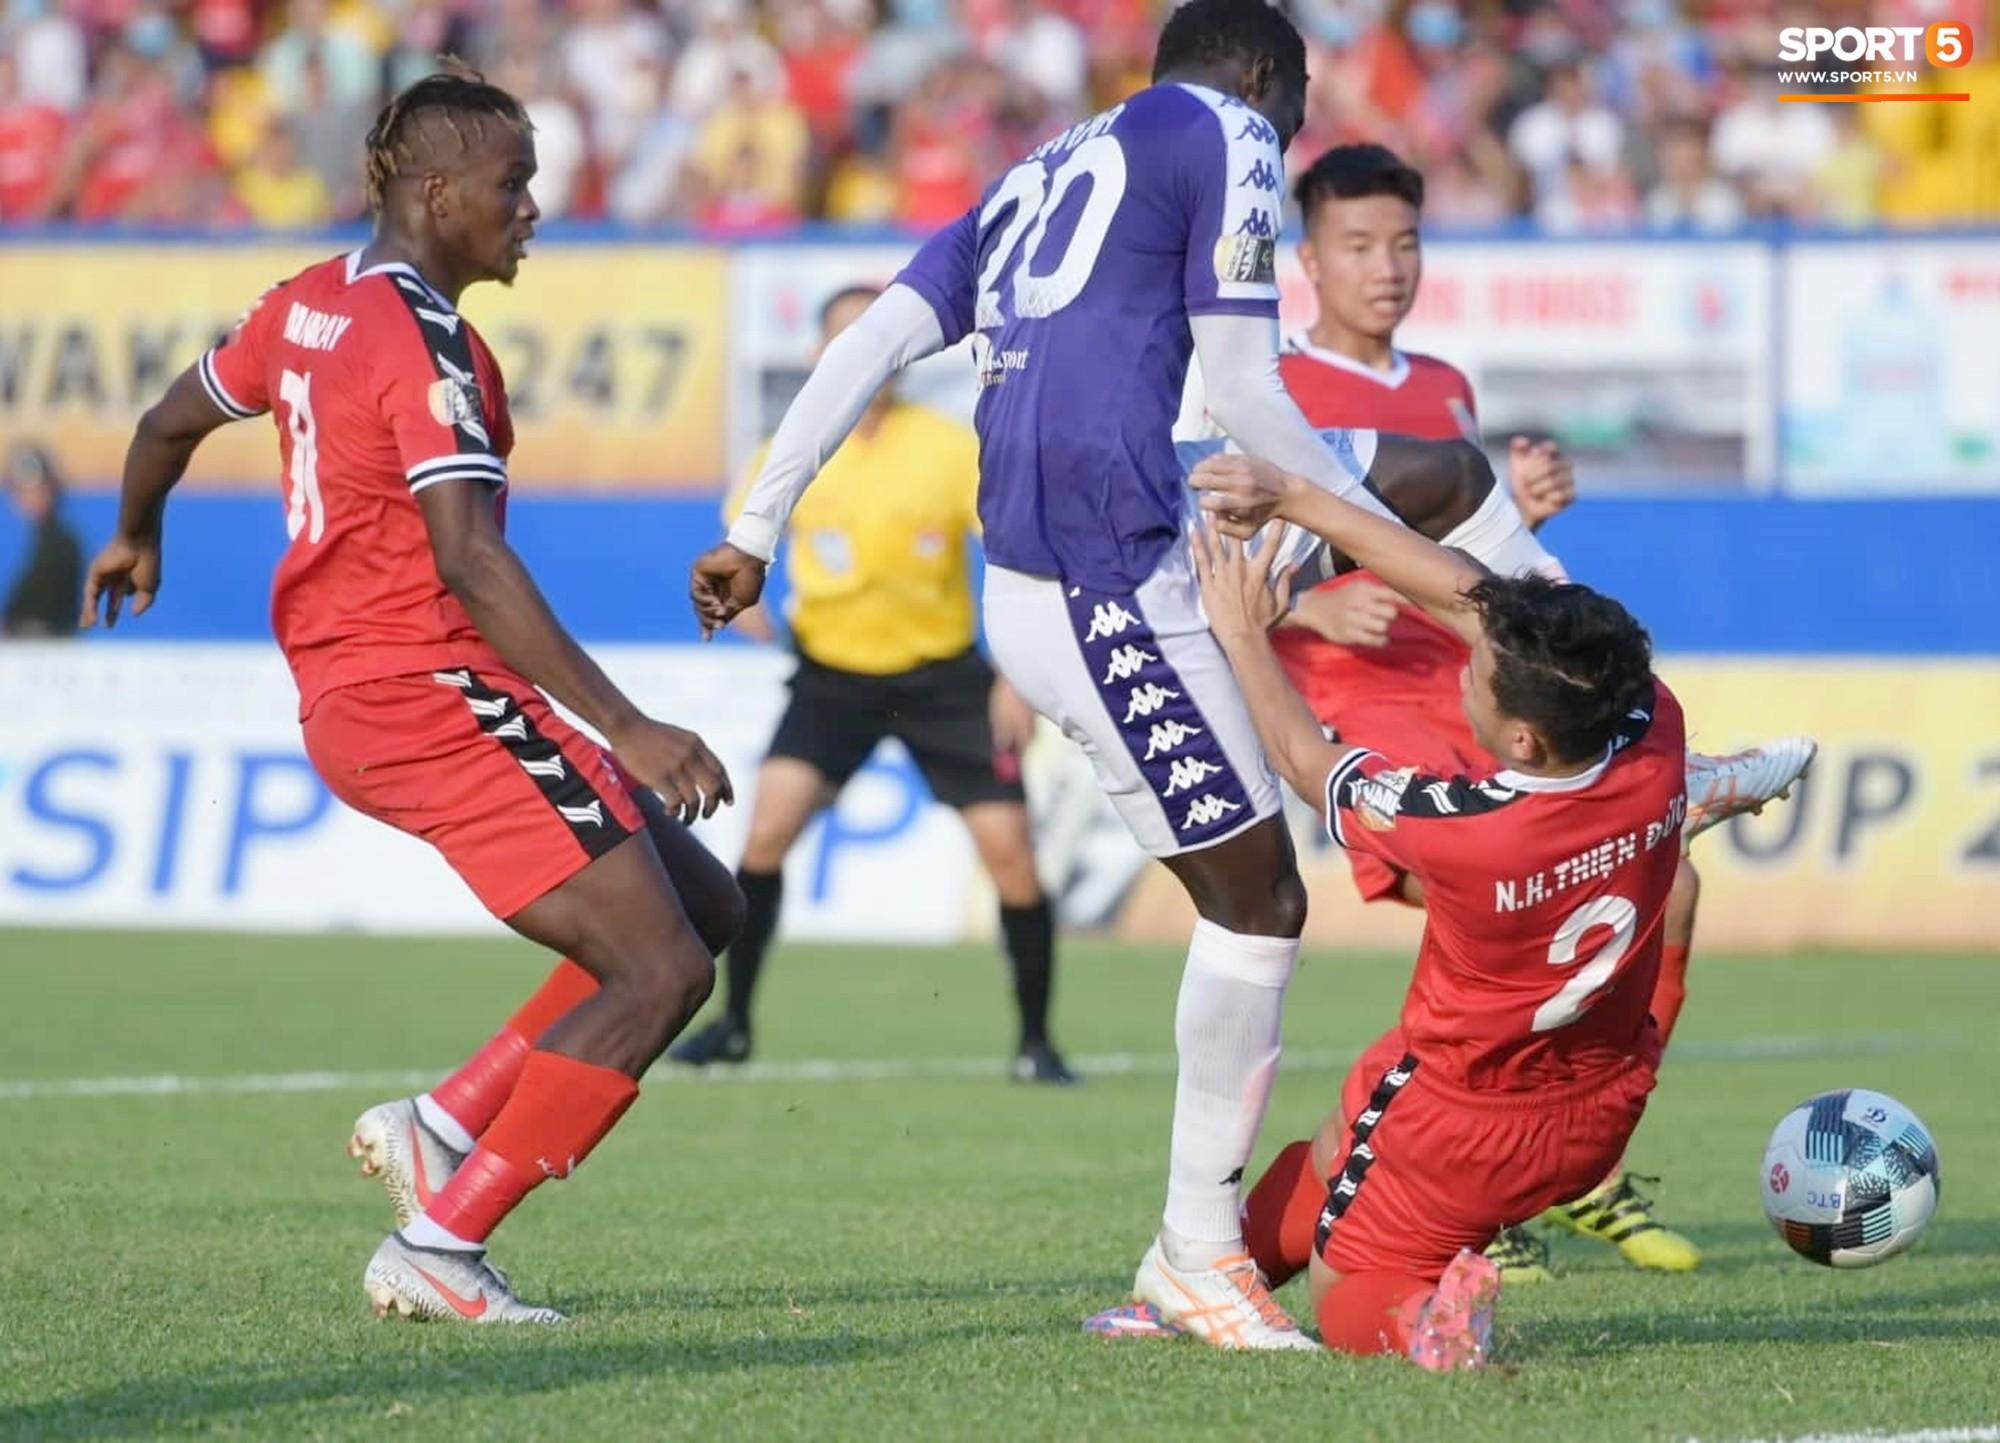 Tuyển thủ U22 Việt Nam va chạm cực mạnh, bất tỉnh chỉ sau 2 phút thi đấu - Ảnh 1.